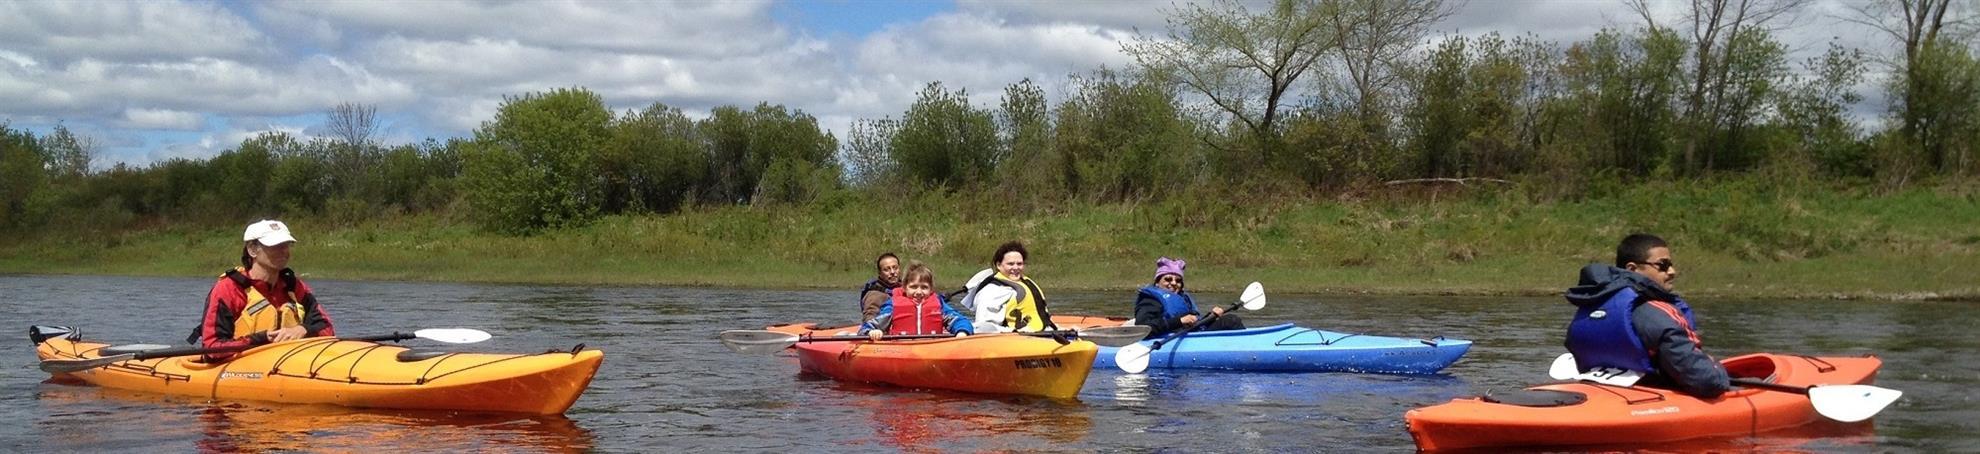 Aroostook River Fun Run